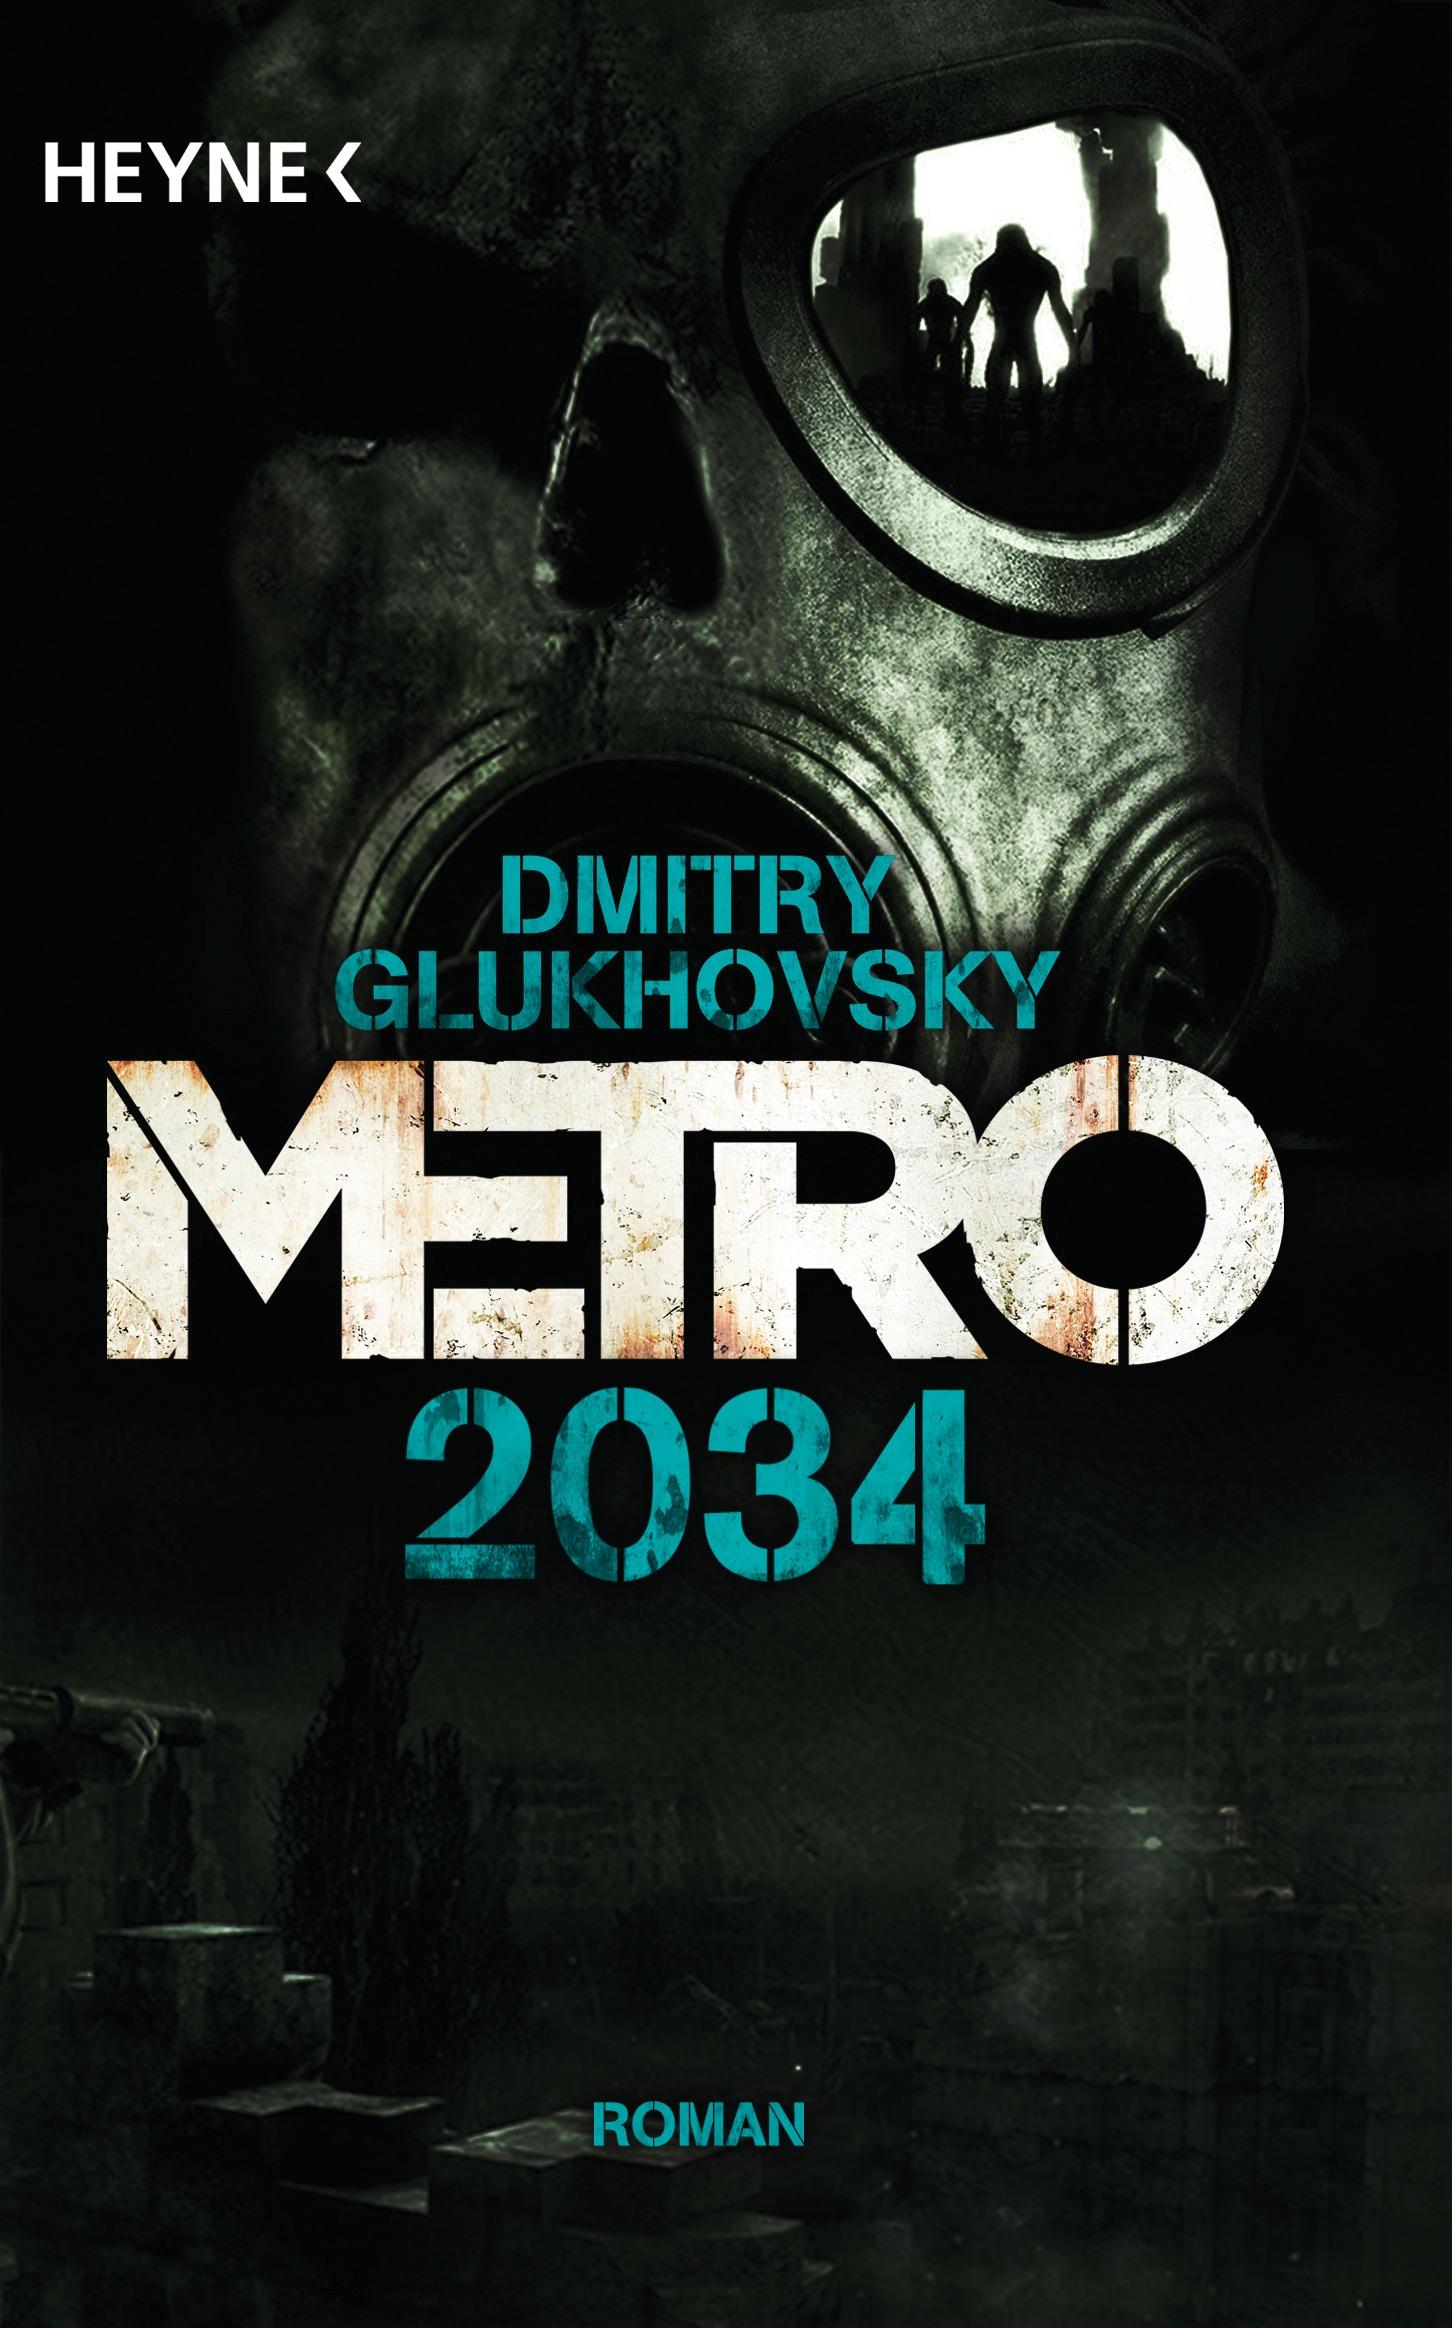 Metro 2034 - Dmitry Glukhovsky [Taschenbuch]